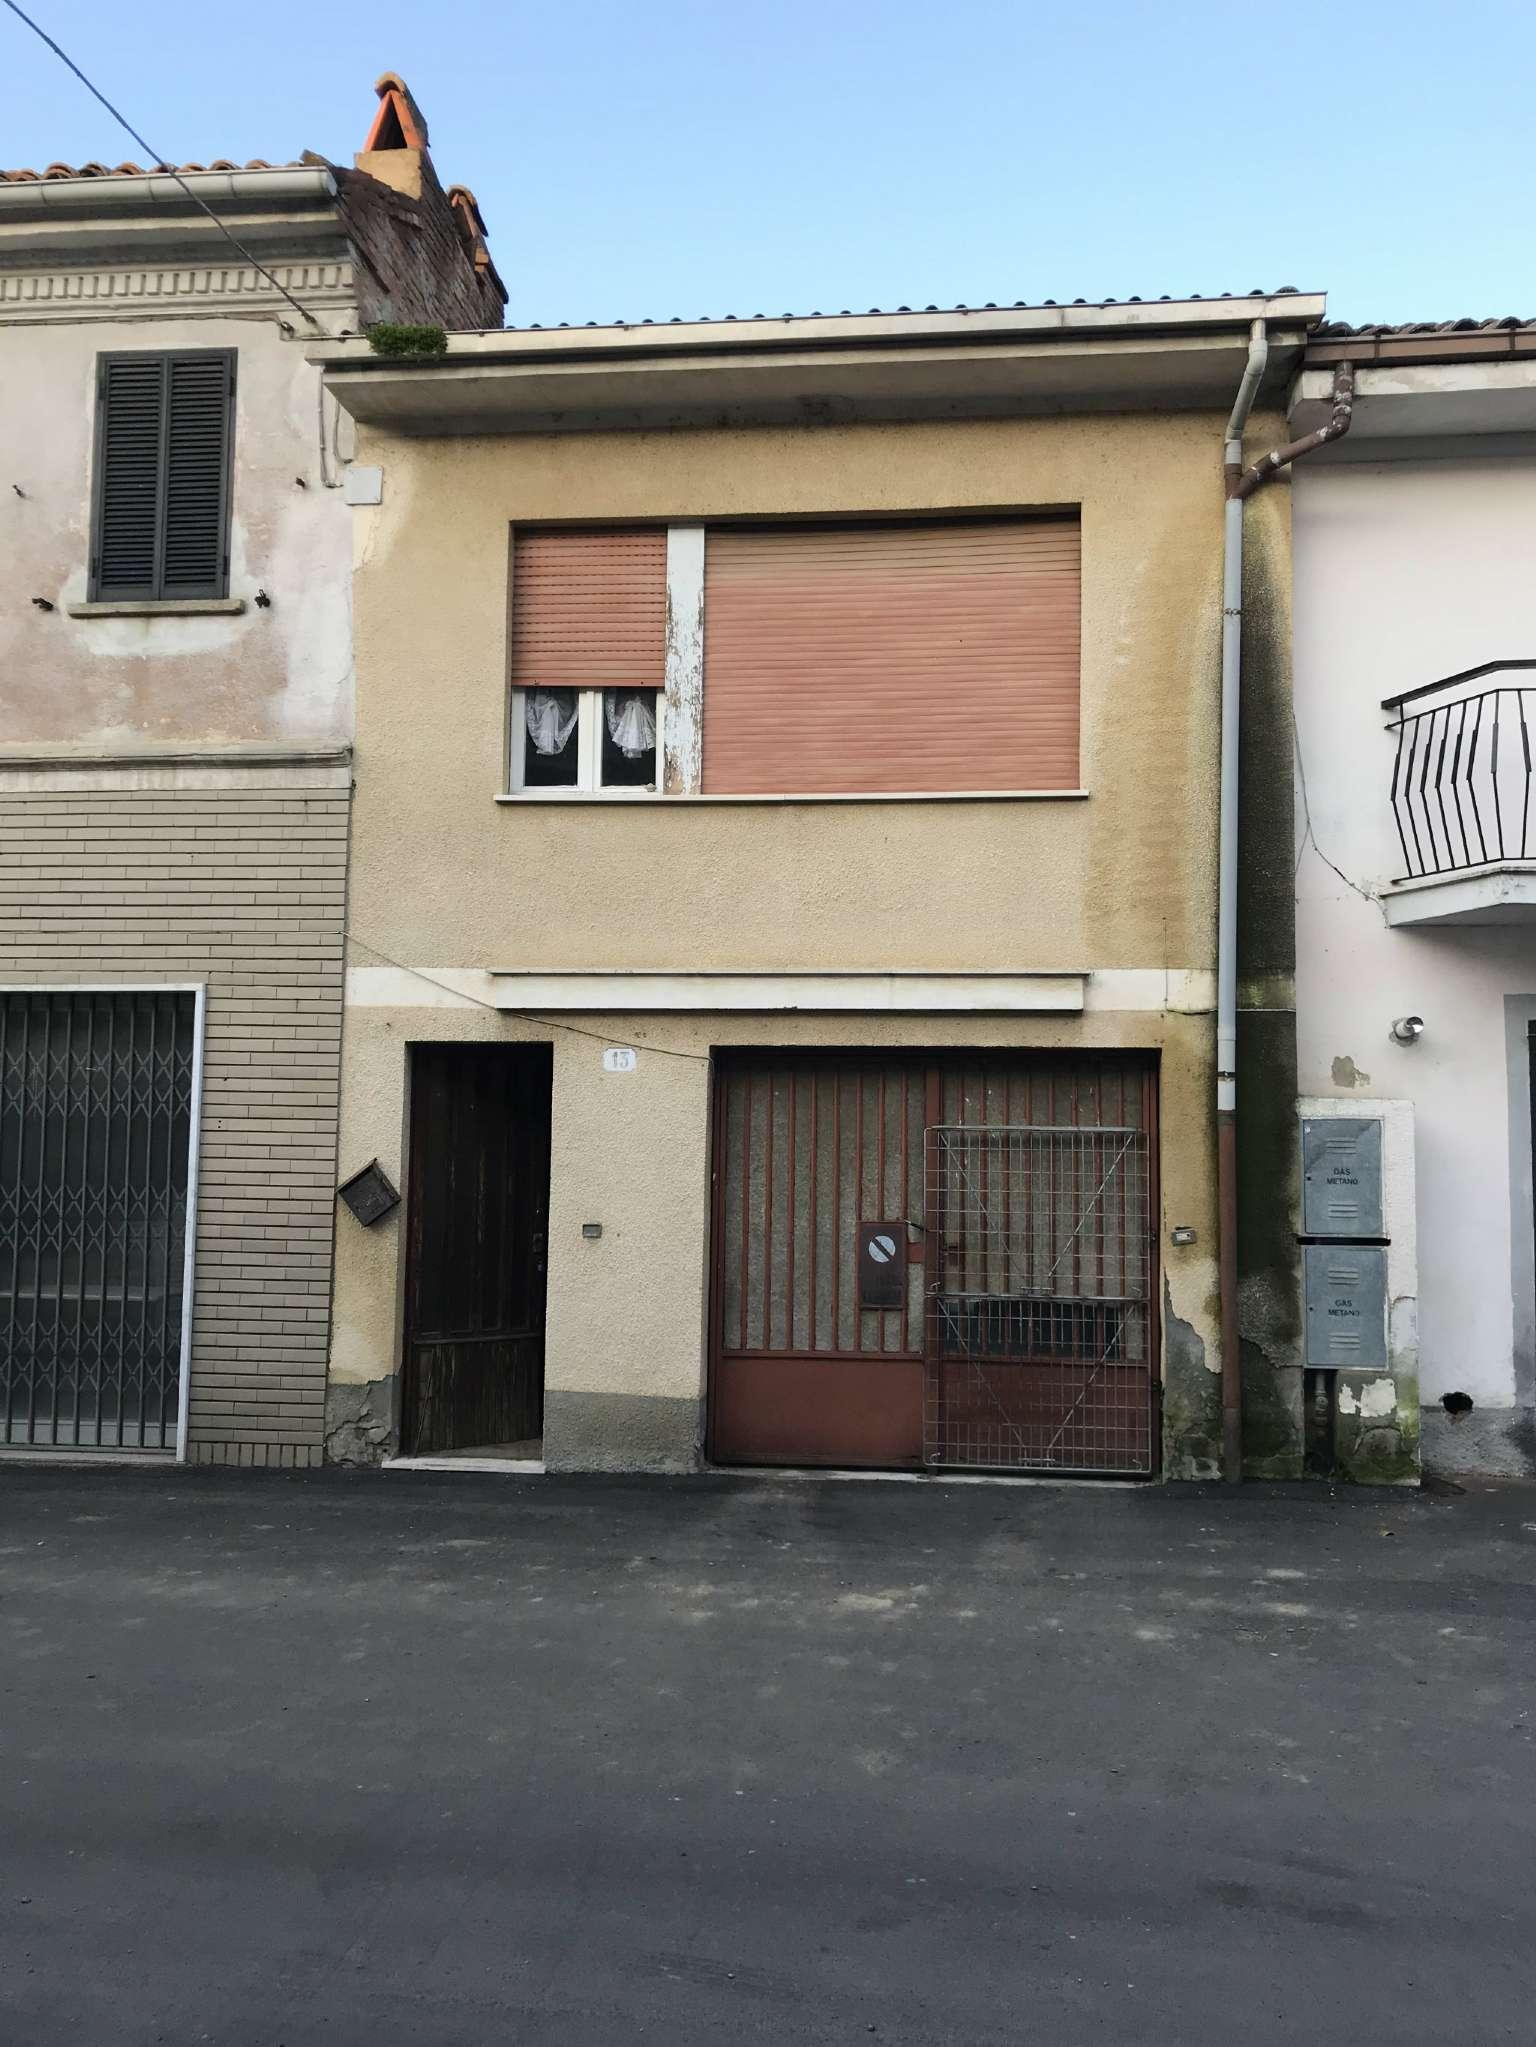 Palazzo / Stabile in vendita a Rivarone, 3 locali, prezzo € 39.000 | PortaleAgenzieImmobiliari.it